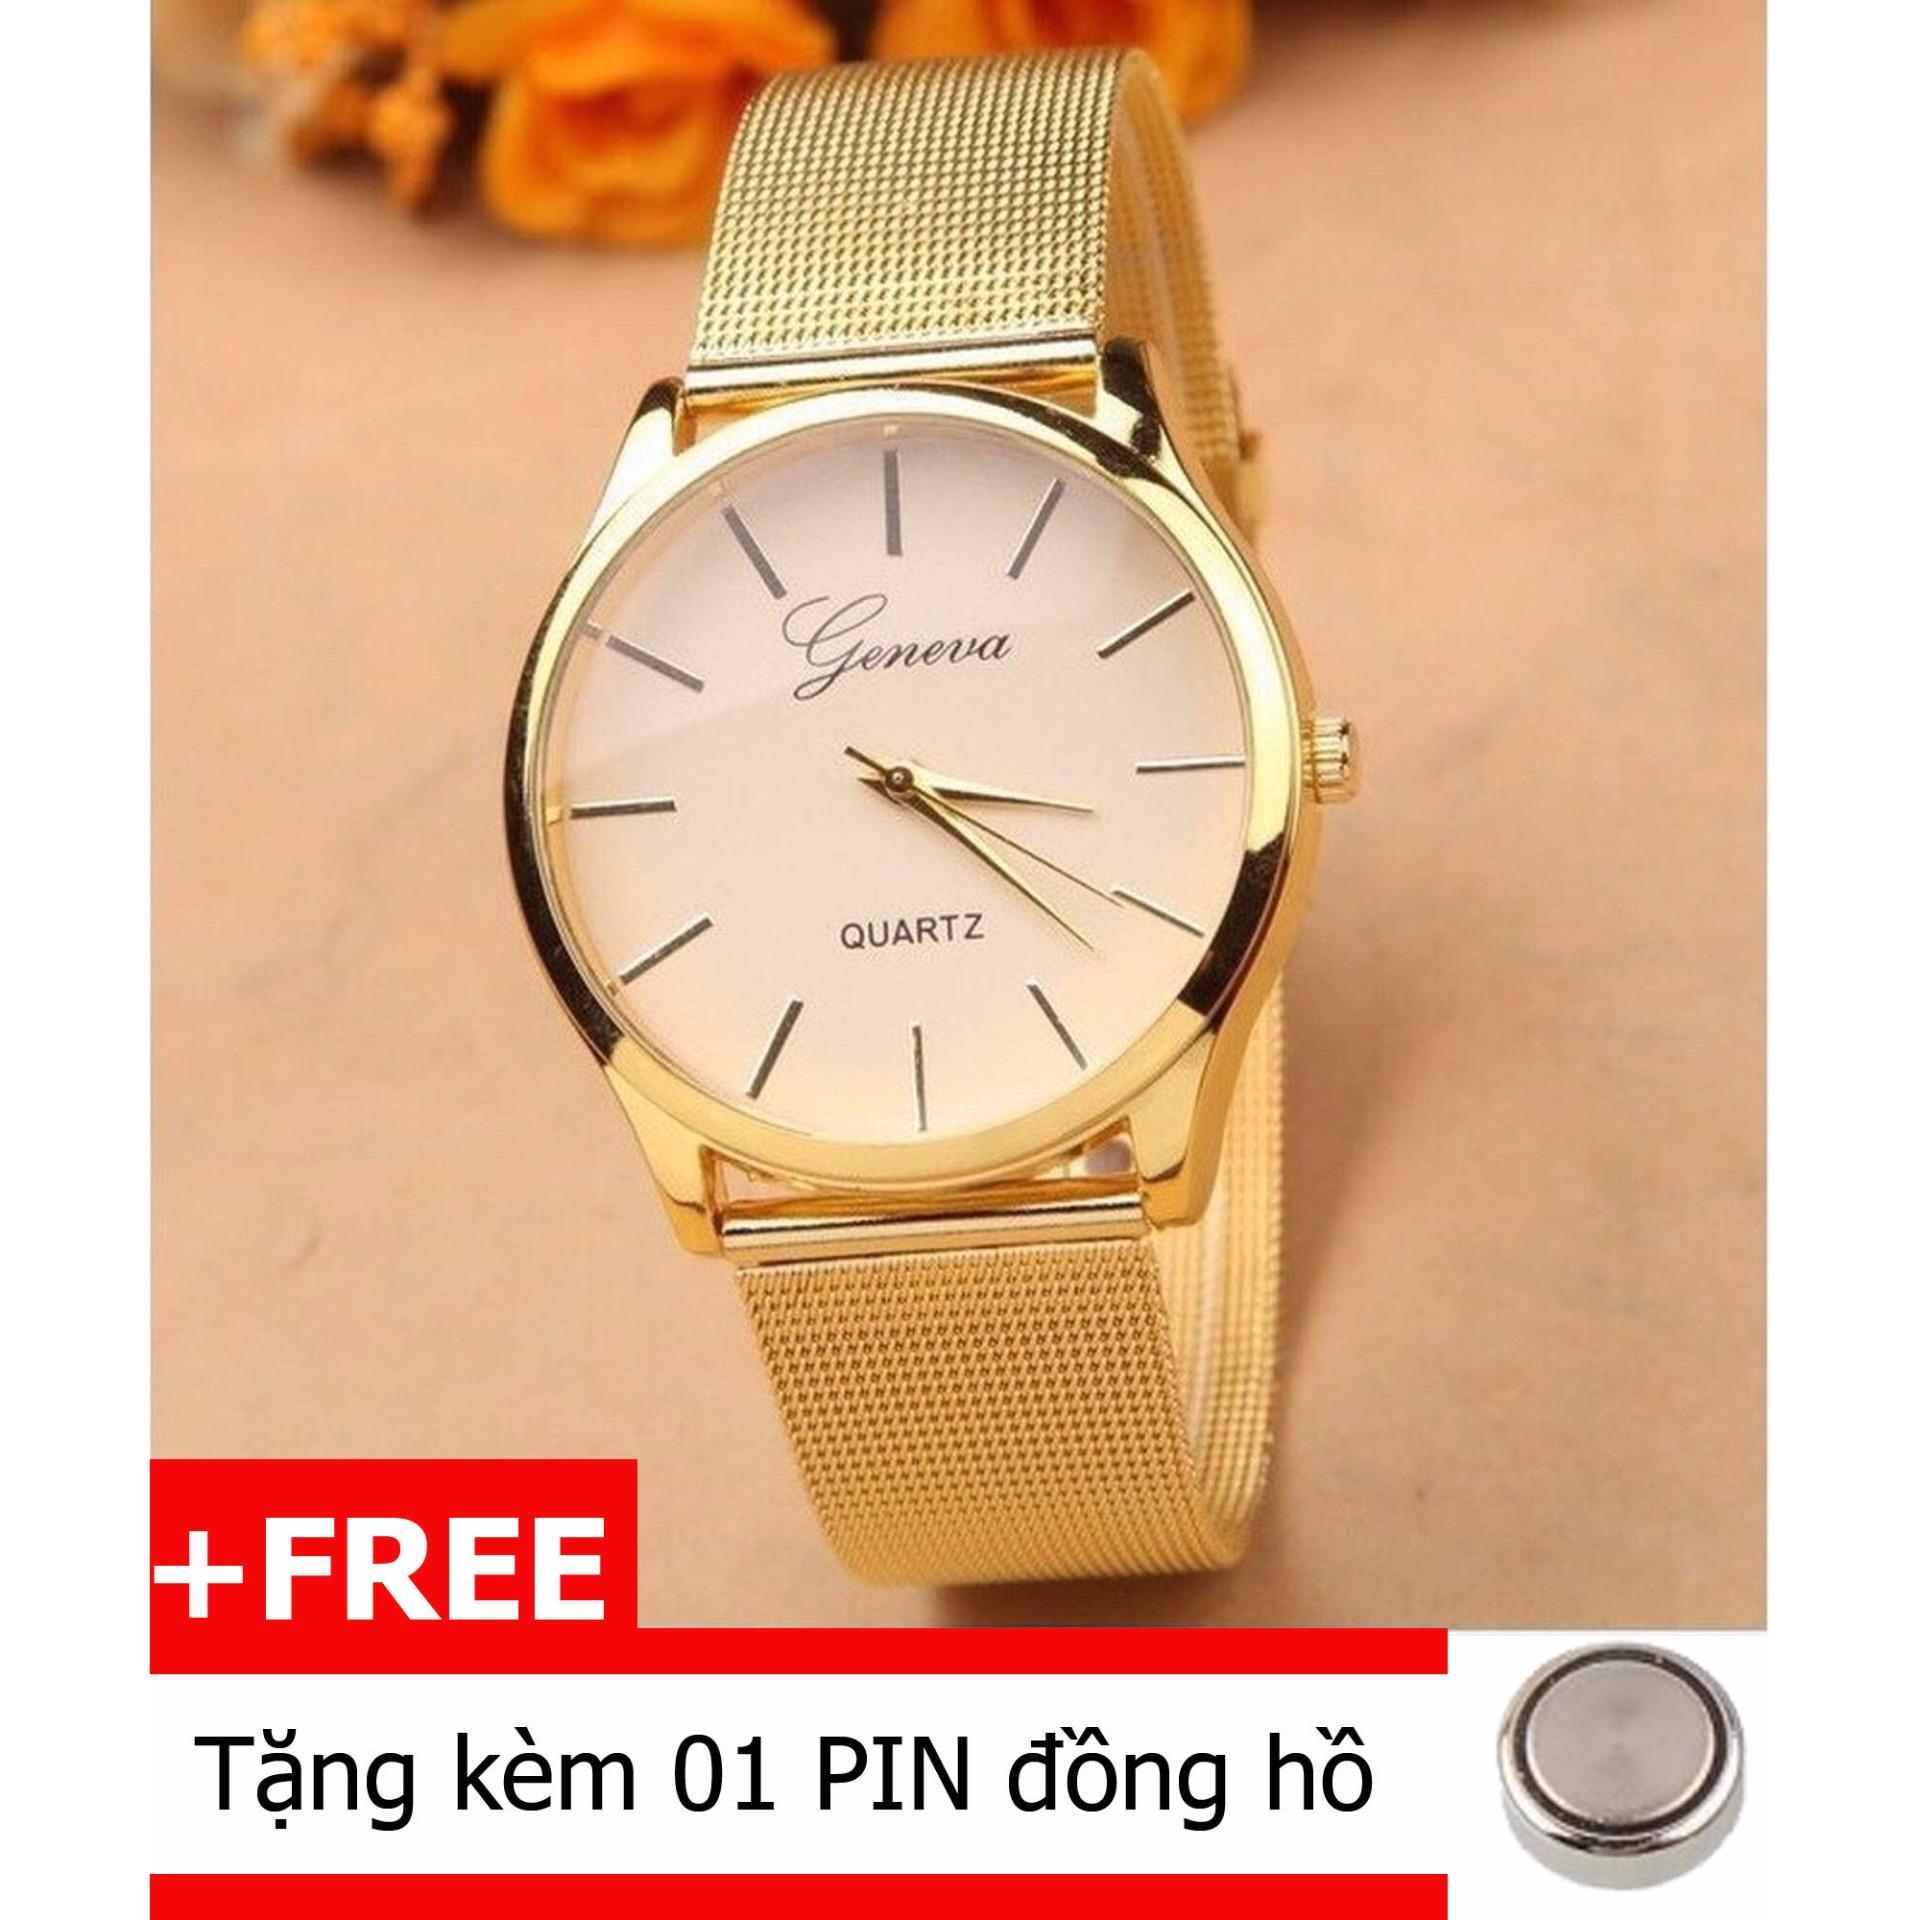 Mẫu sản phẩm Đồng hồ nam dây hợp kim Geneva 1001